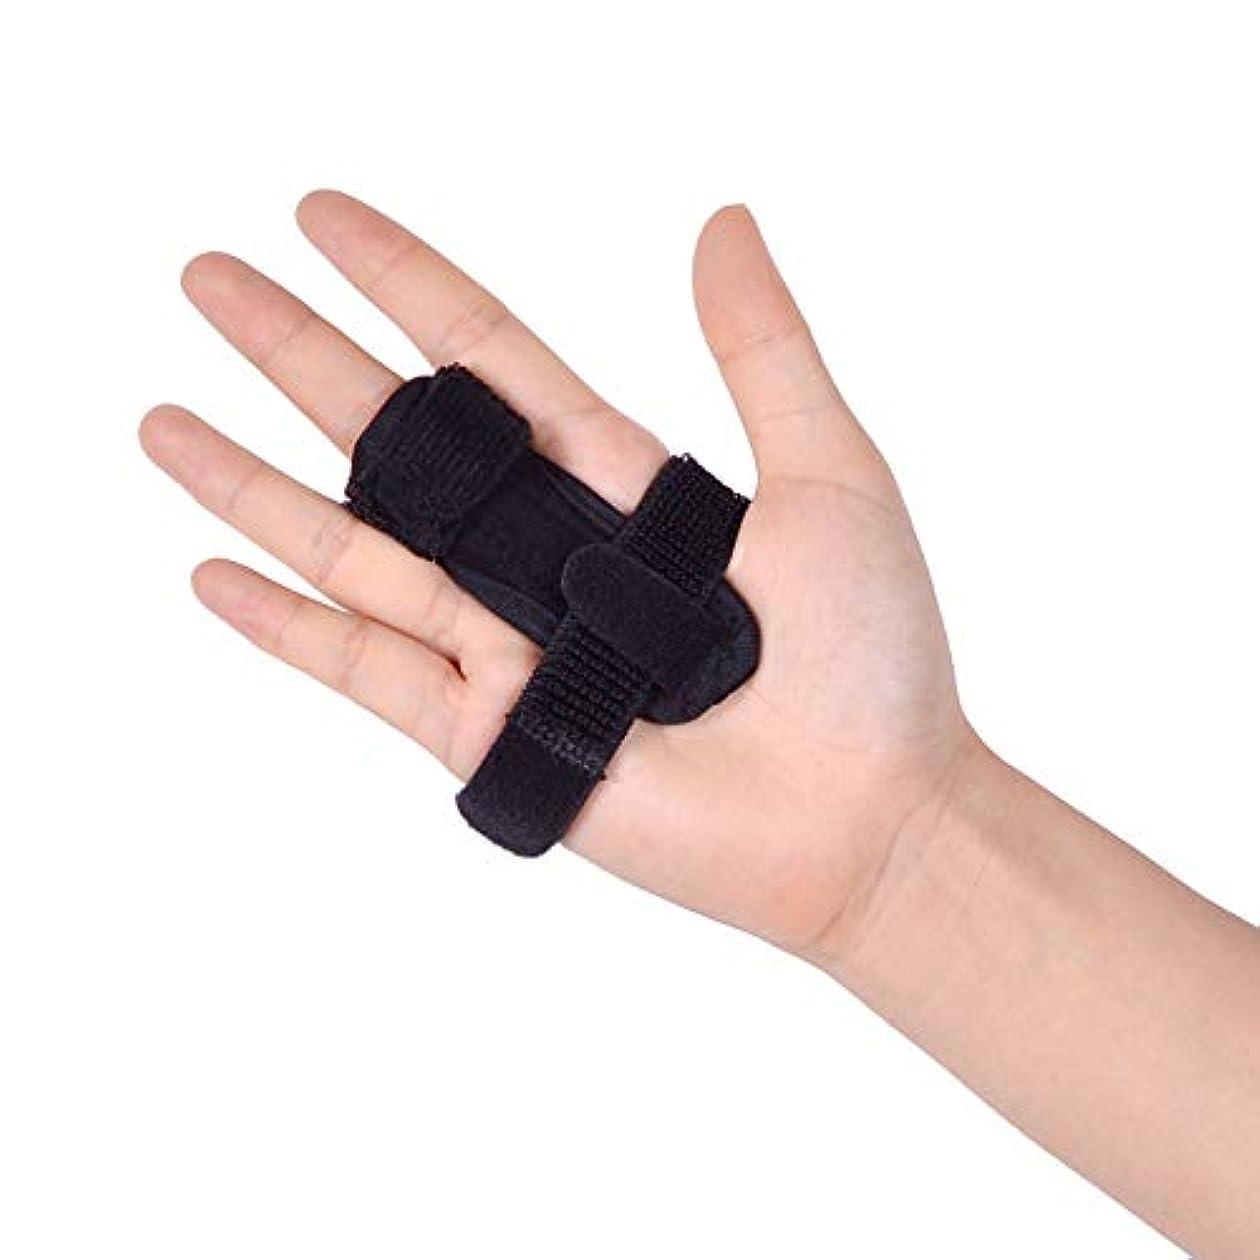 遺体安置所最終暗殺指関節炎外反母趾矯正補助伸展矯正関節炎マレットナックルブレース用剛性捻挫ナックルペインリリーフフィンガーサポートトレーニングブレース